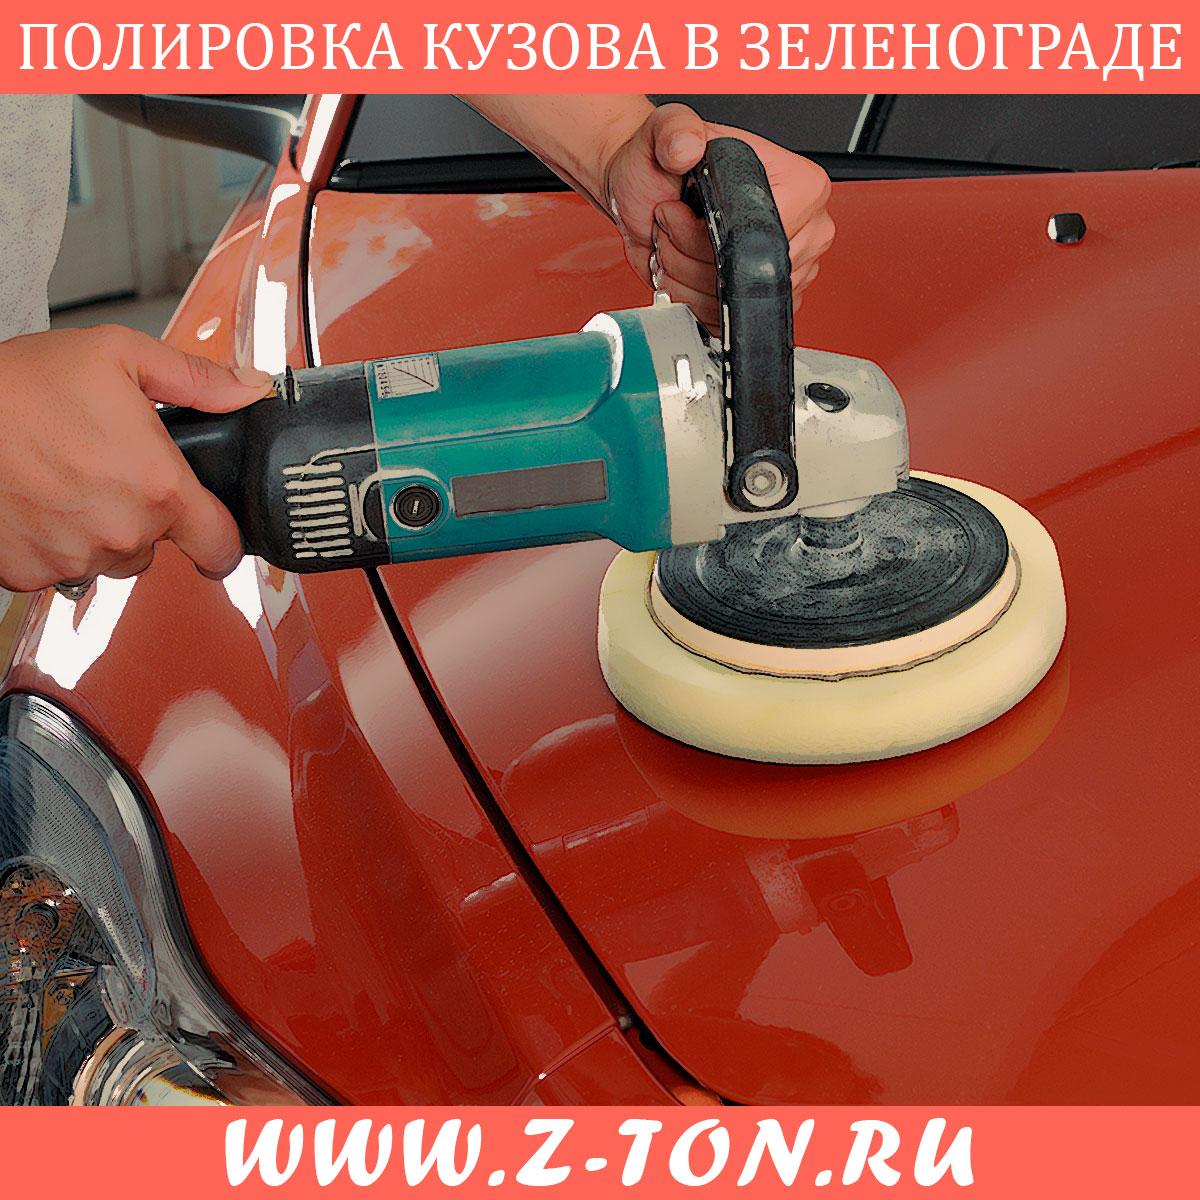 Полировка кузова в Зеленограде